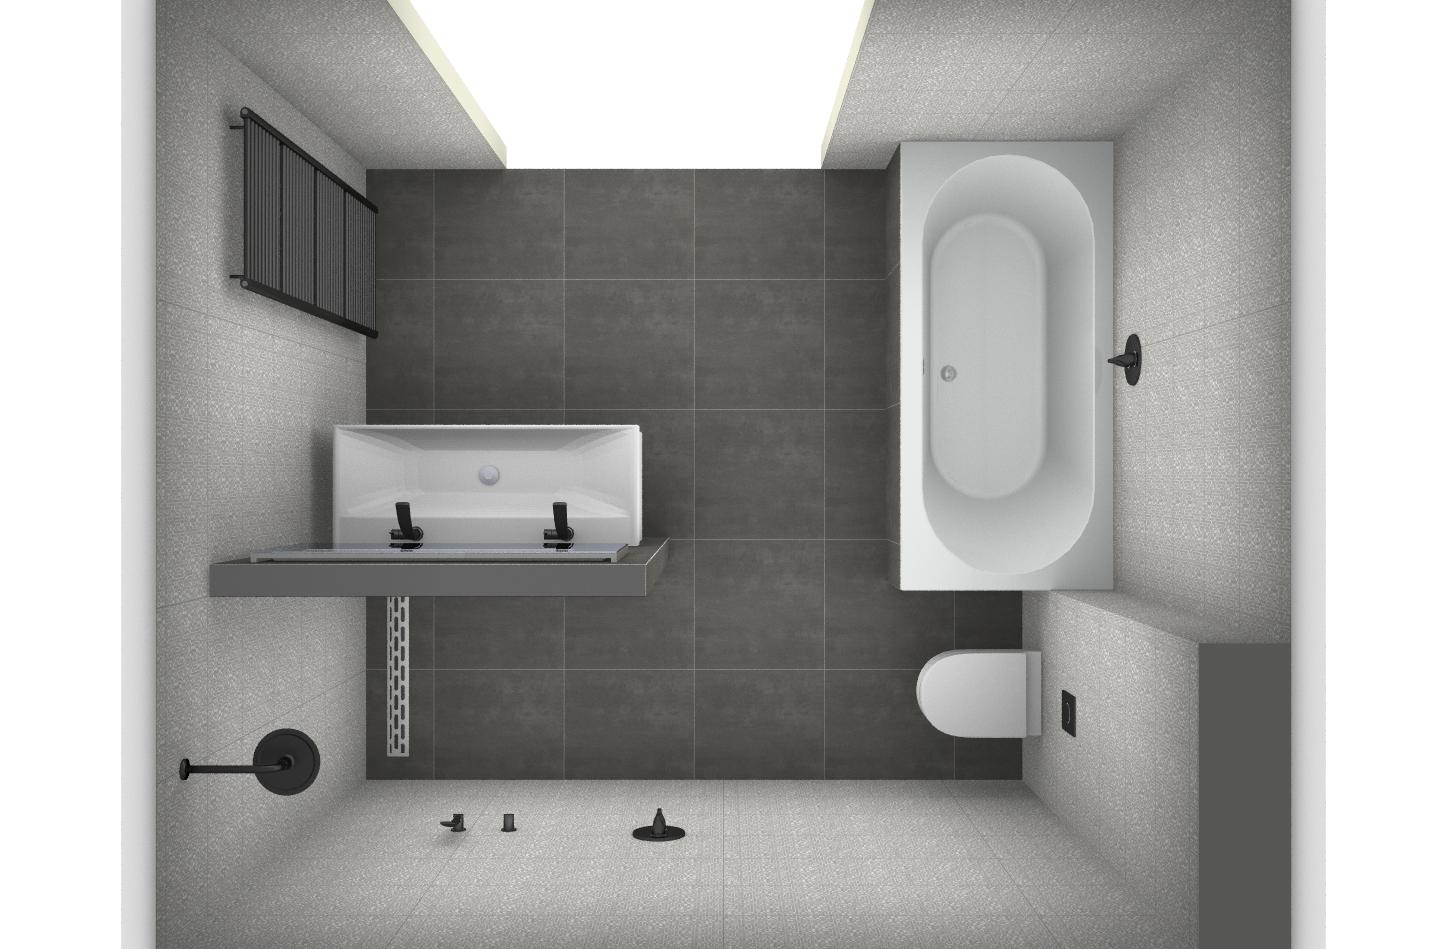 Badkamer Ontwerp Ideeen : Badkamer ontwerpen luxe ontwerp en badkamer